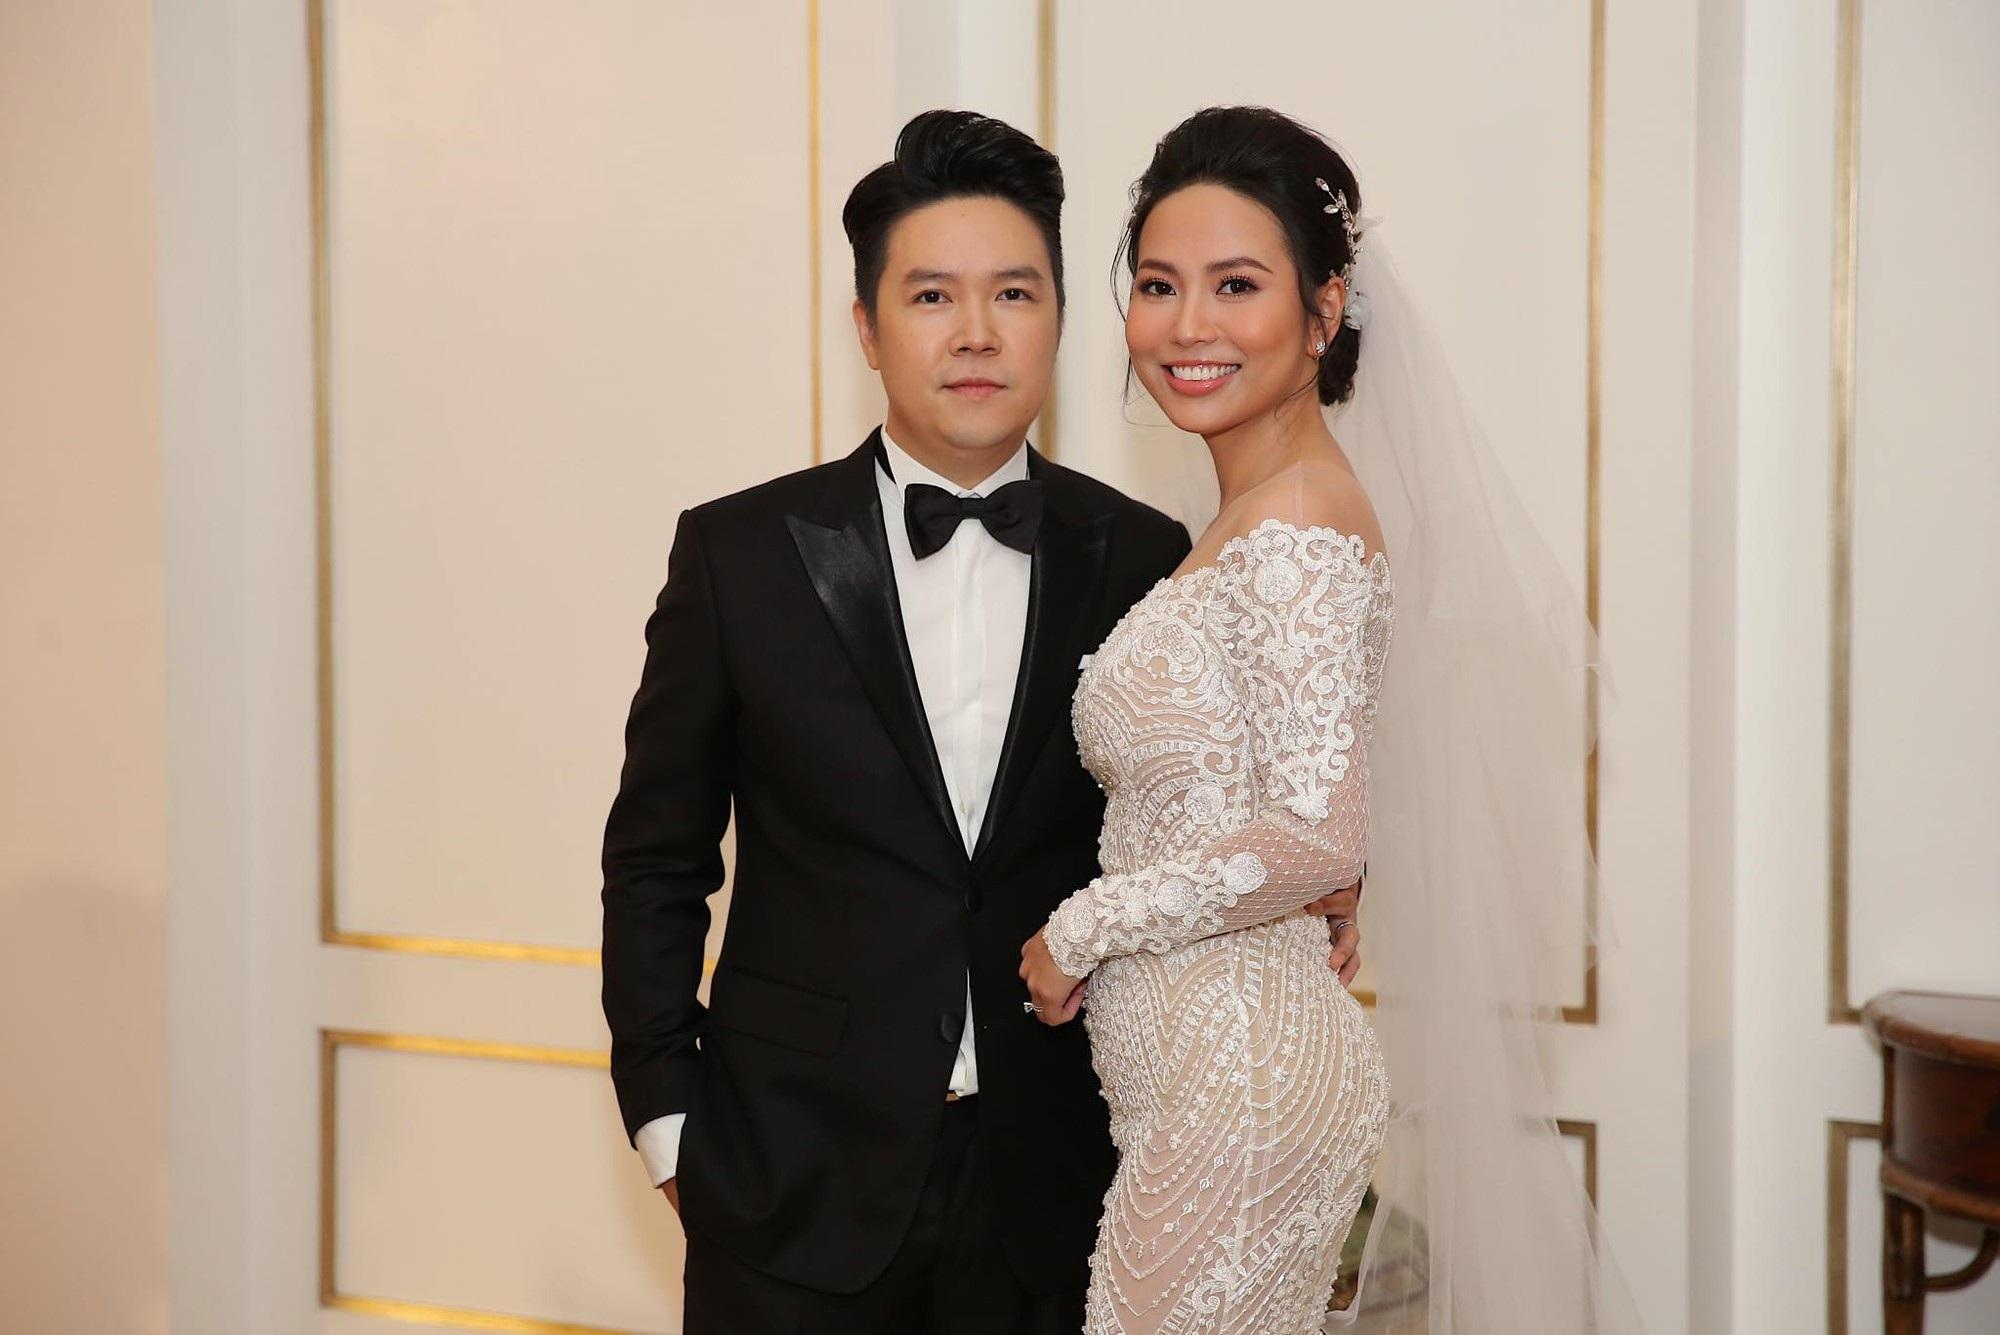 Cuối năm tất bật, dàn sao Việt vẫn dành thời gian đến dự đám cưới Lê Hiếu - Ảnh 3.